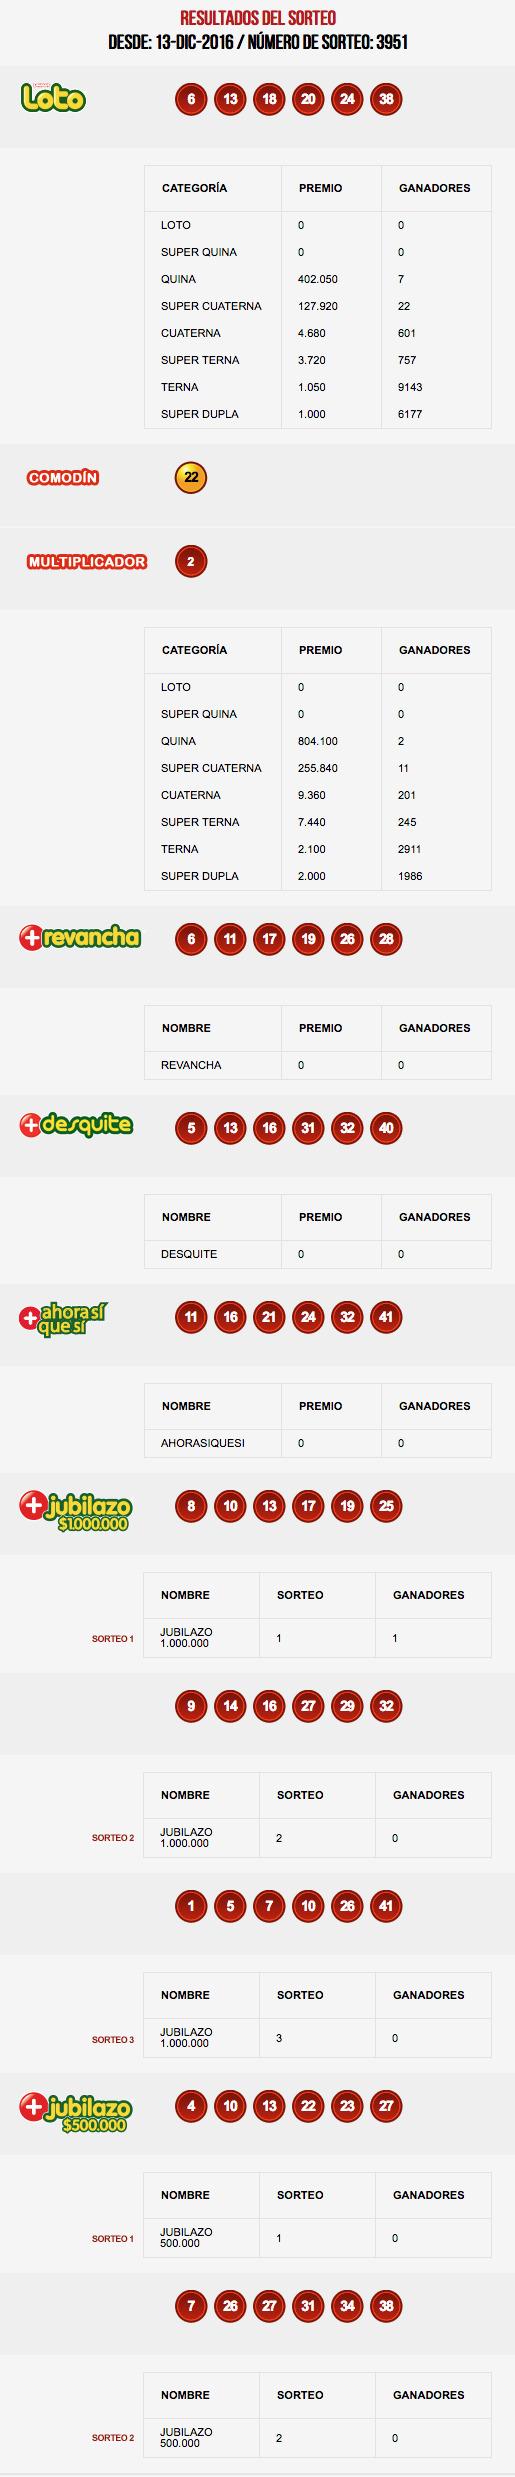 resultados-loto-chile-sorteo-3951-jpeg